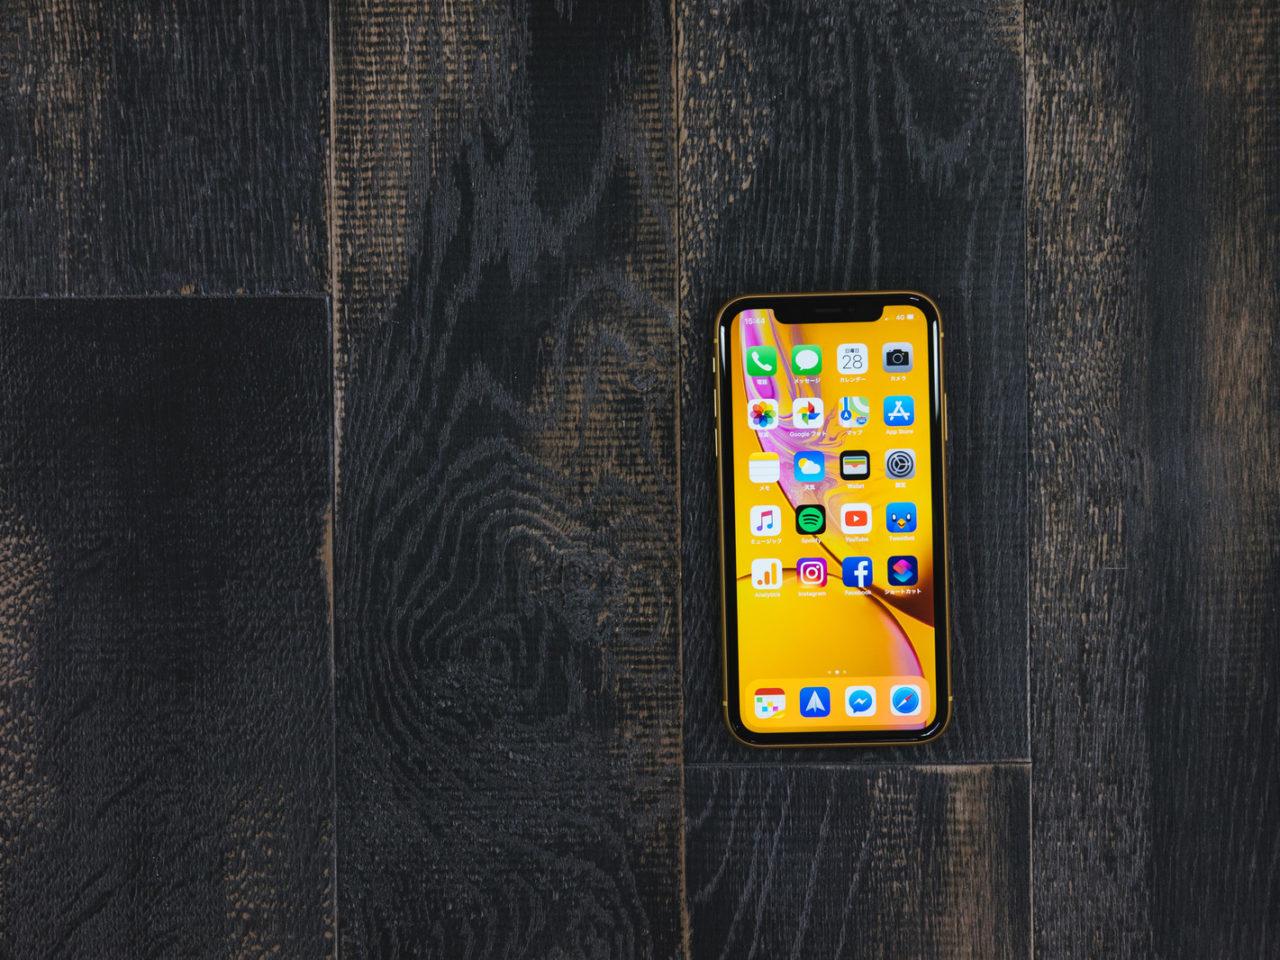 iOS14のiPhoneのウィジェットを消してしまった!データは消える?アプリはどうなる?のサムネイル画像